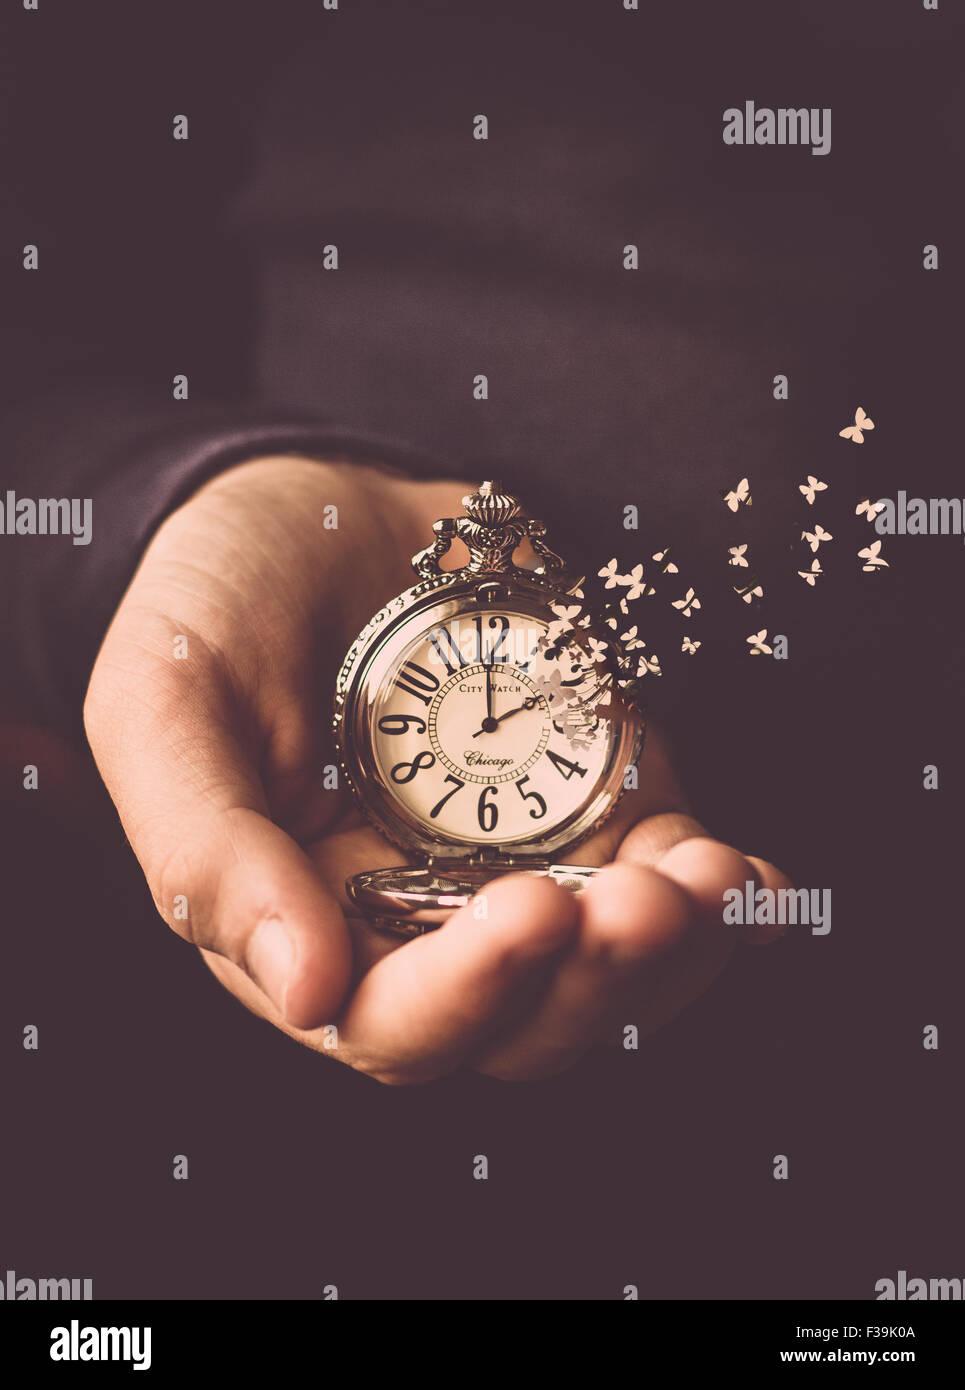 Mann, der eine Uhr mit der Zeit aus dem Zifferblatt wie Schmetterlinge fliegen in seiner Hand hält Stockbild